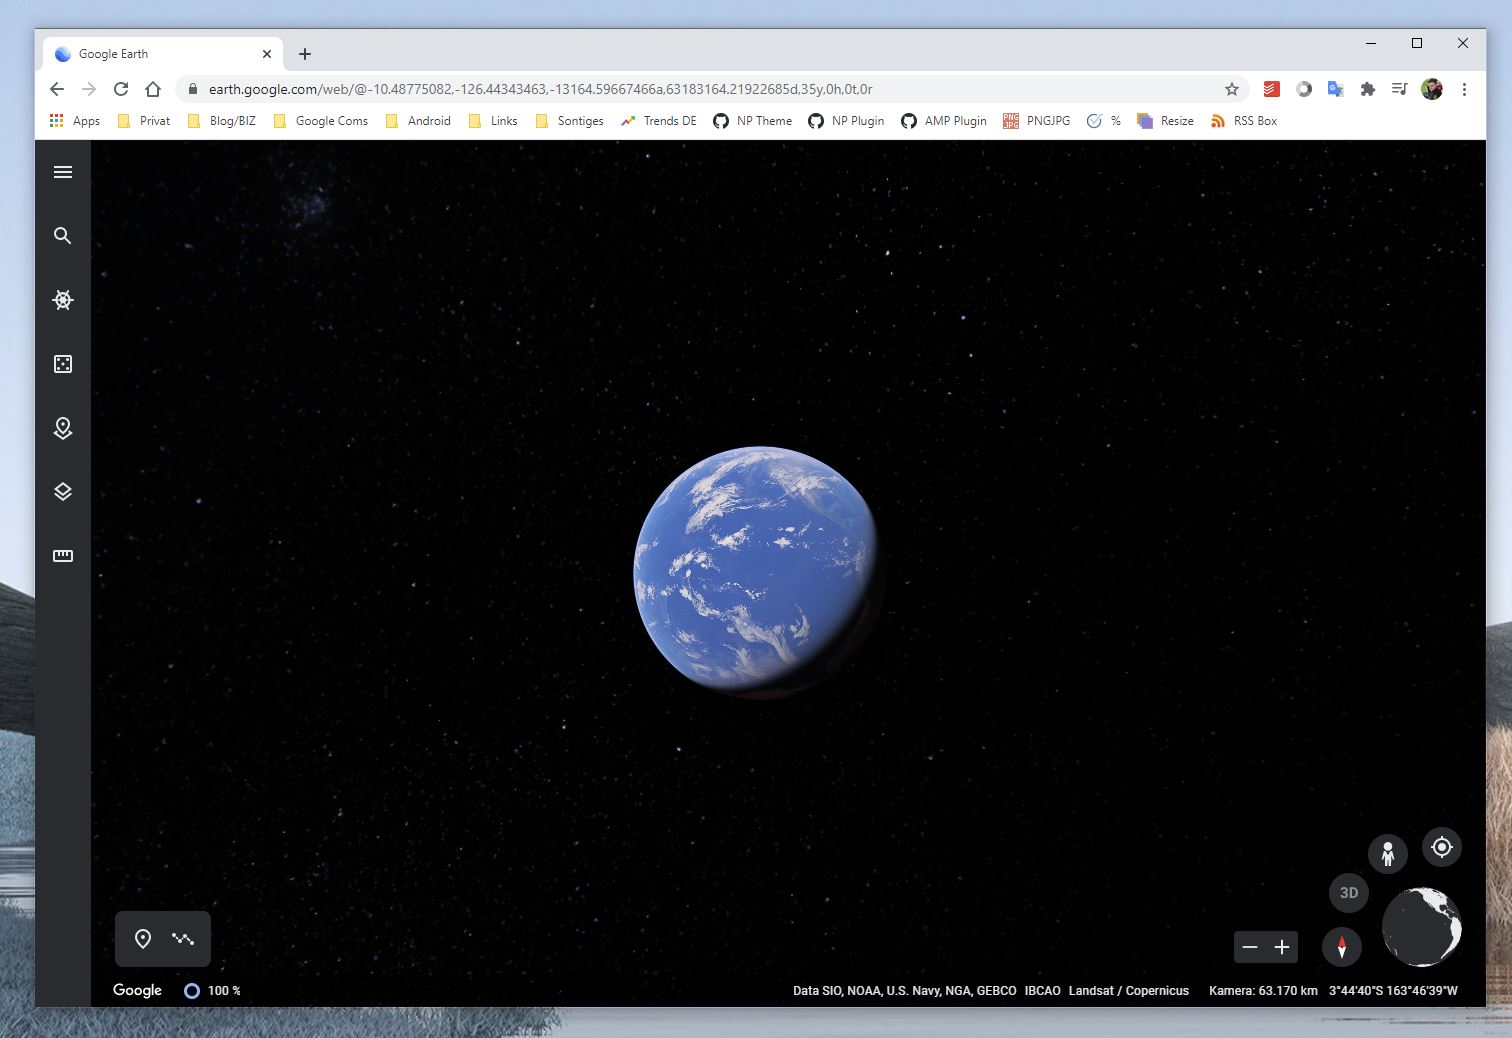 Google-Earth-ist-jetzt-eine-3D-Zeitmaschine-und-erh-lt-gr-tes-Update-seit-Jahren-